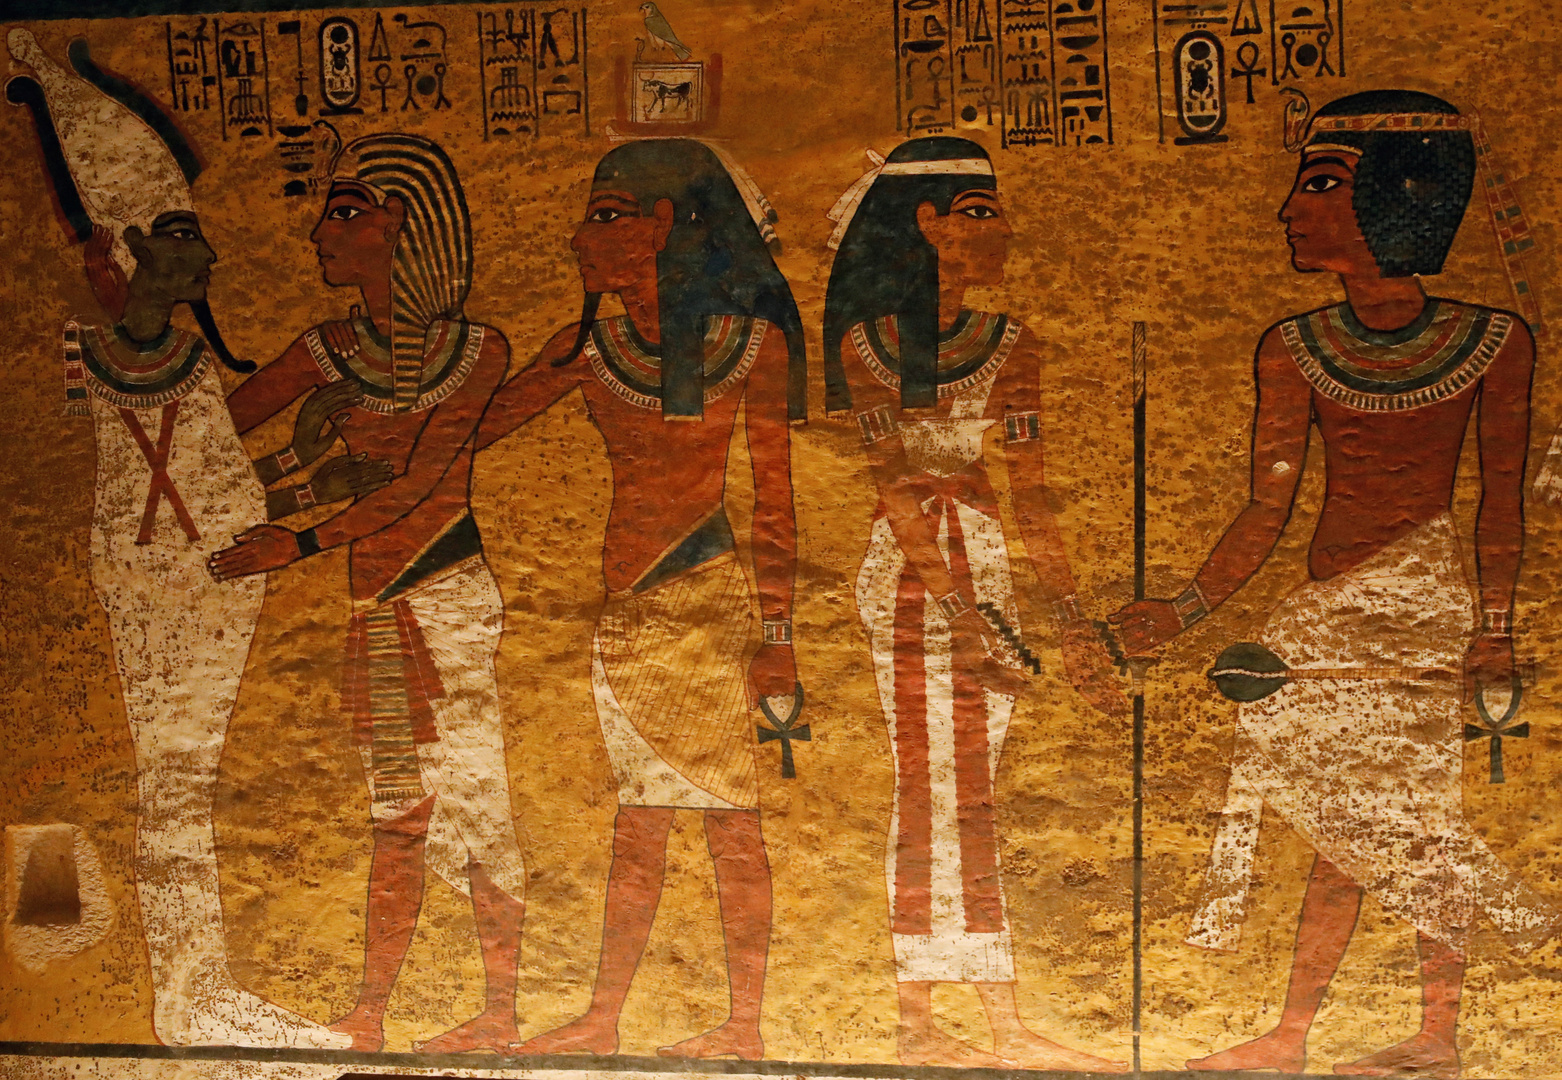 منشور مثير للجدل حول اكتشاف جيش فرعوني غارق في البحر الأحمر.. ومصر تكشف الحقيقة